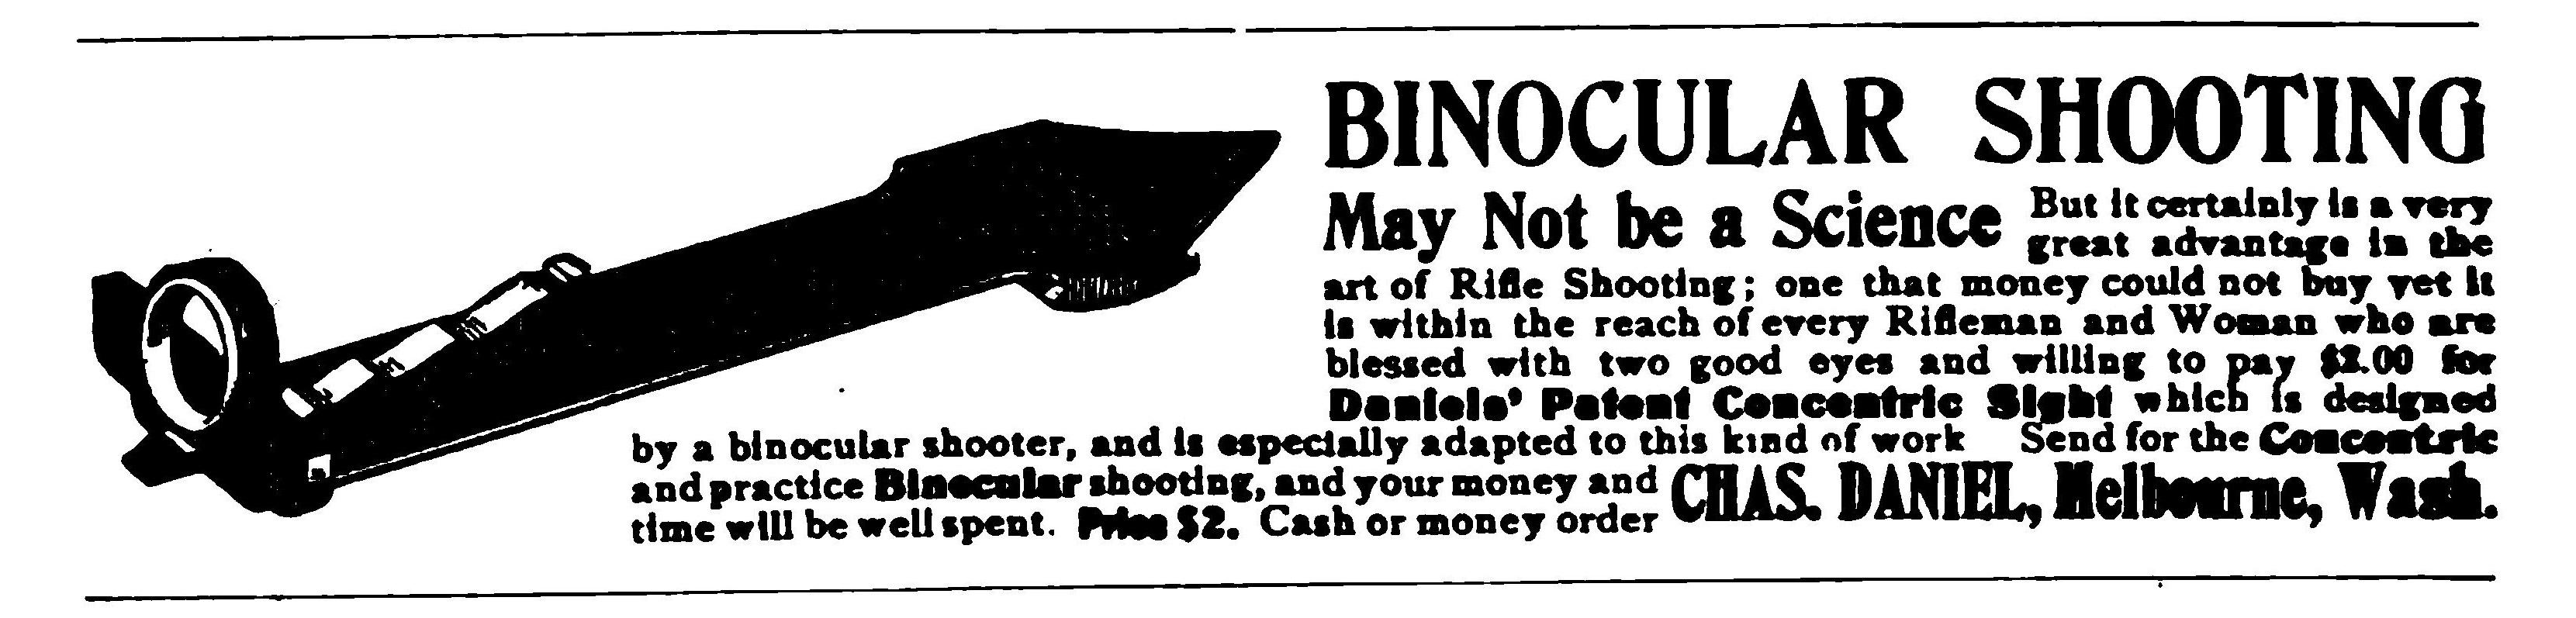 daniels-rear-sight-1909-hunter-trader-trapper.jpg